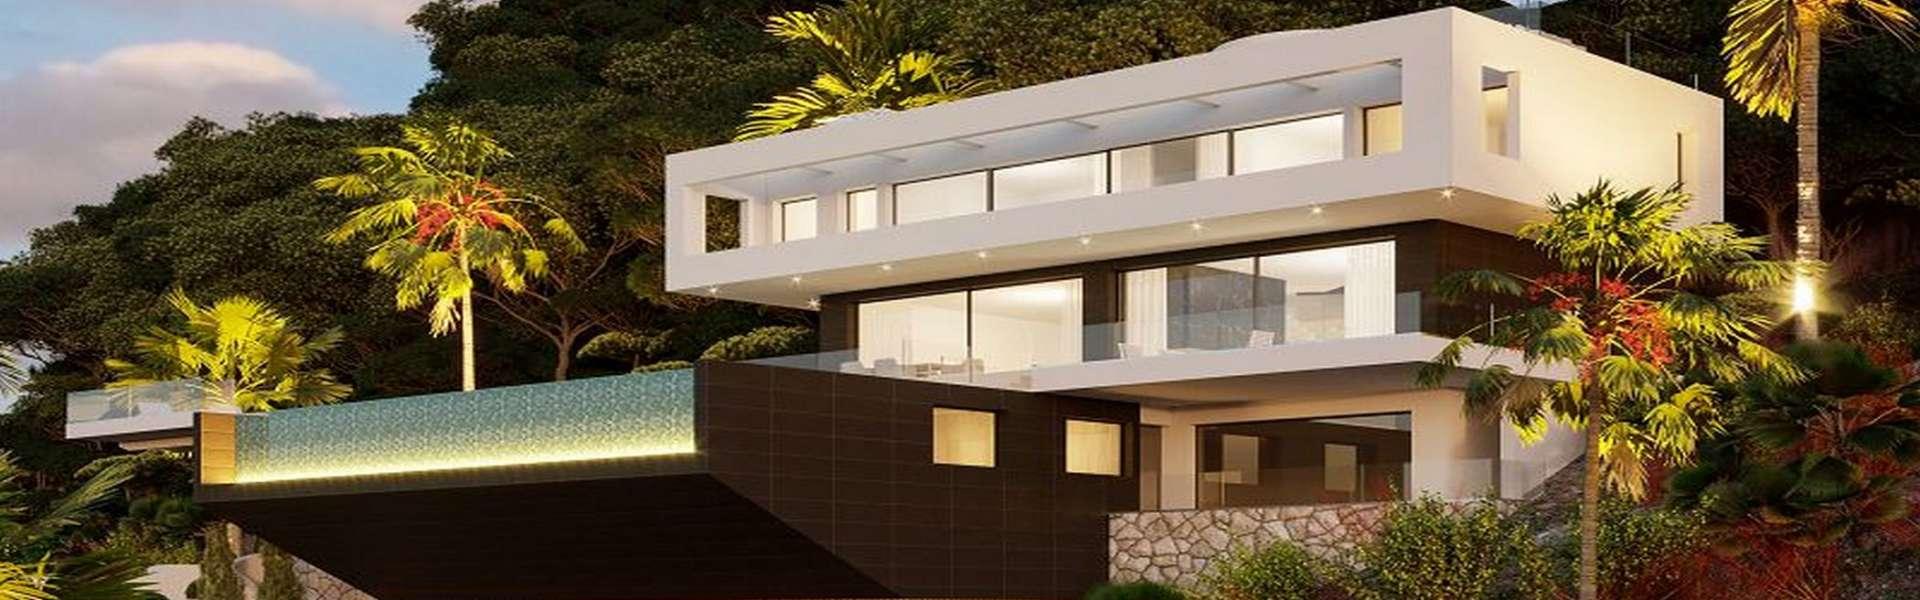 Palma/Son Vida - Villa de diseño con vistas panorámicas al mar